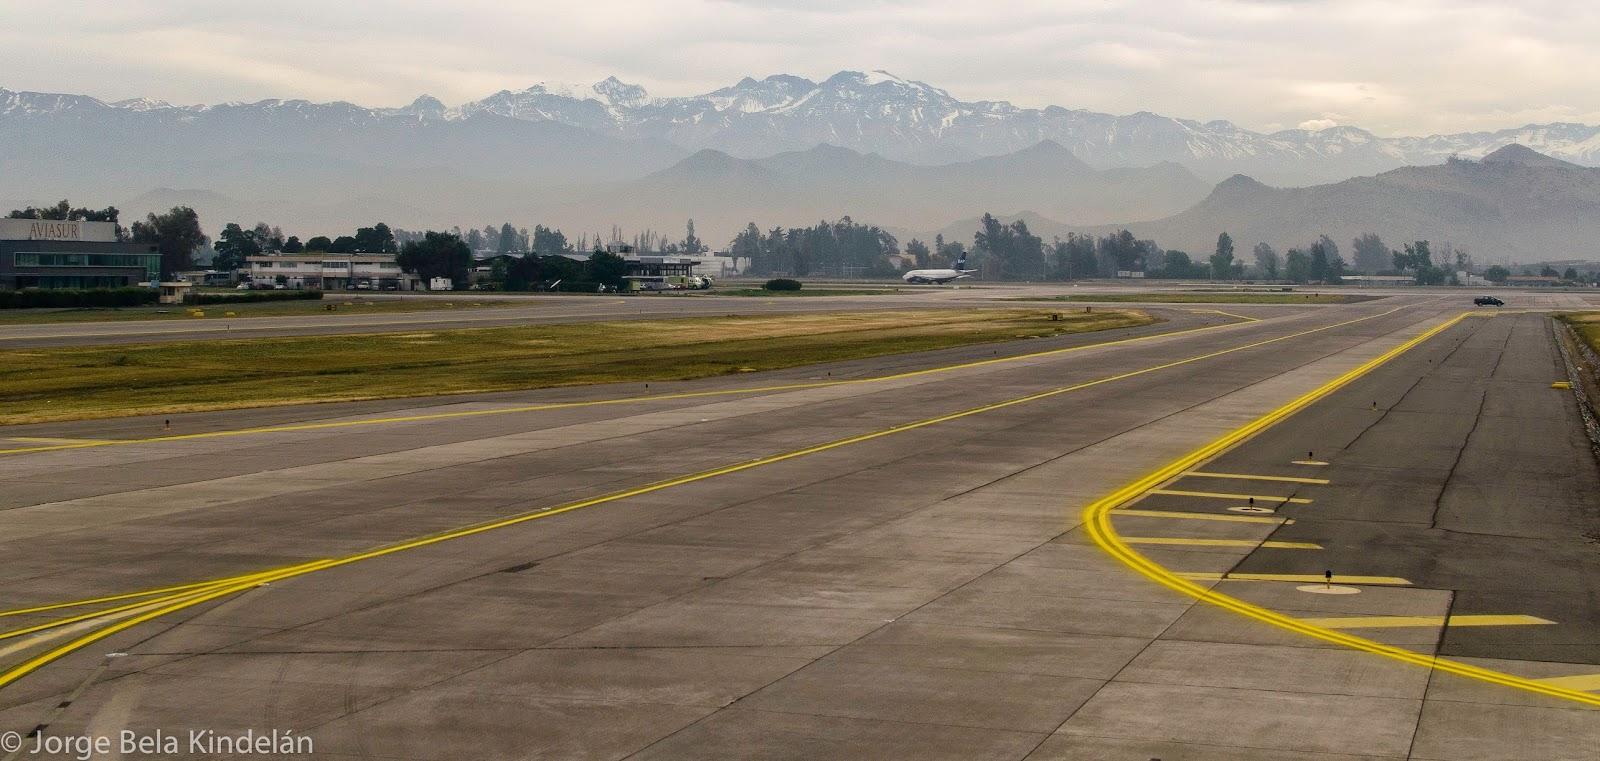 Cordillera de Santiago vista desde el aeropuerto. Foto: Jorge Bela